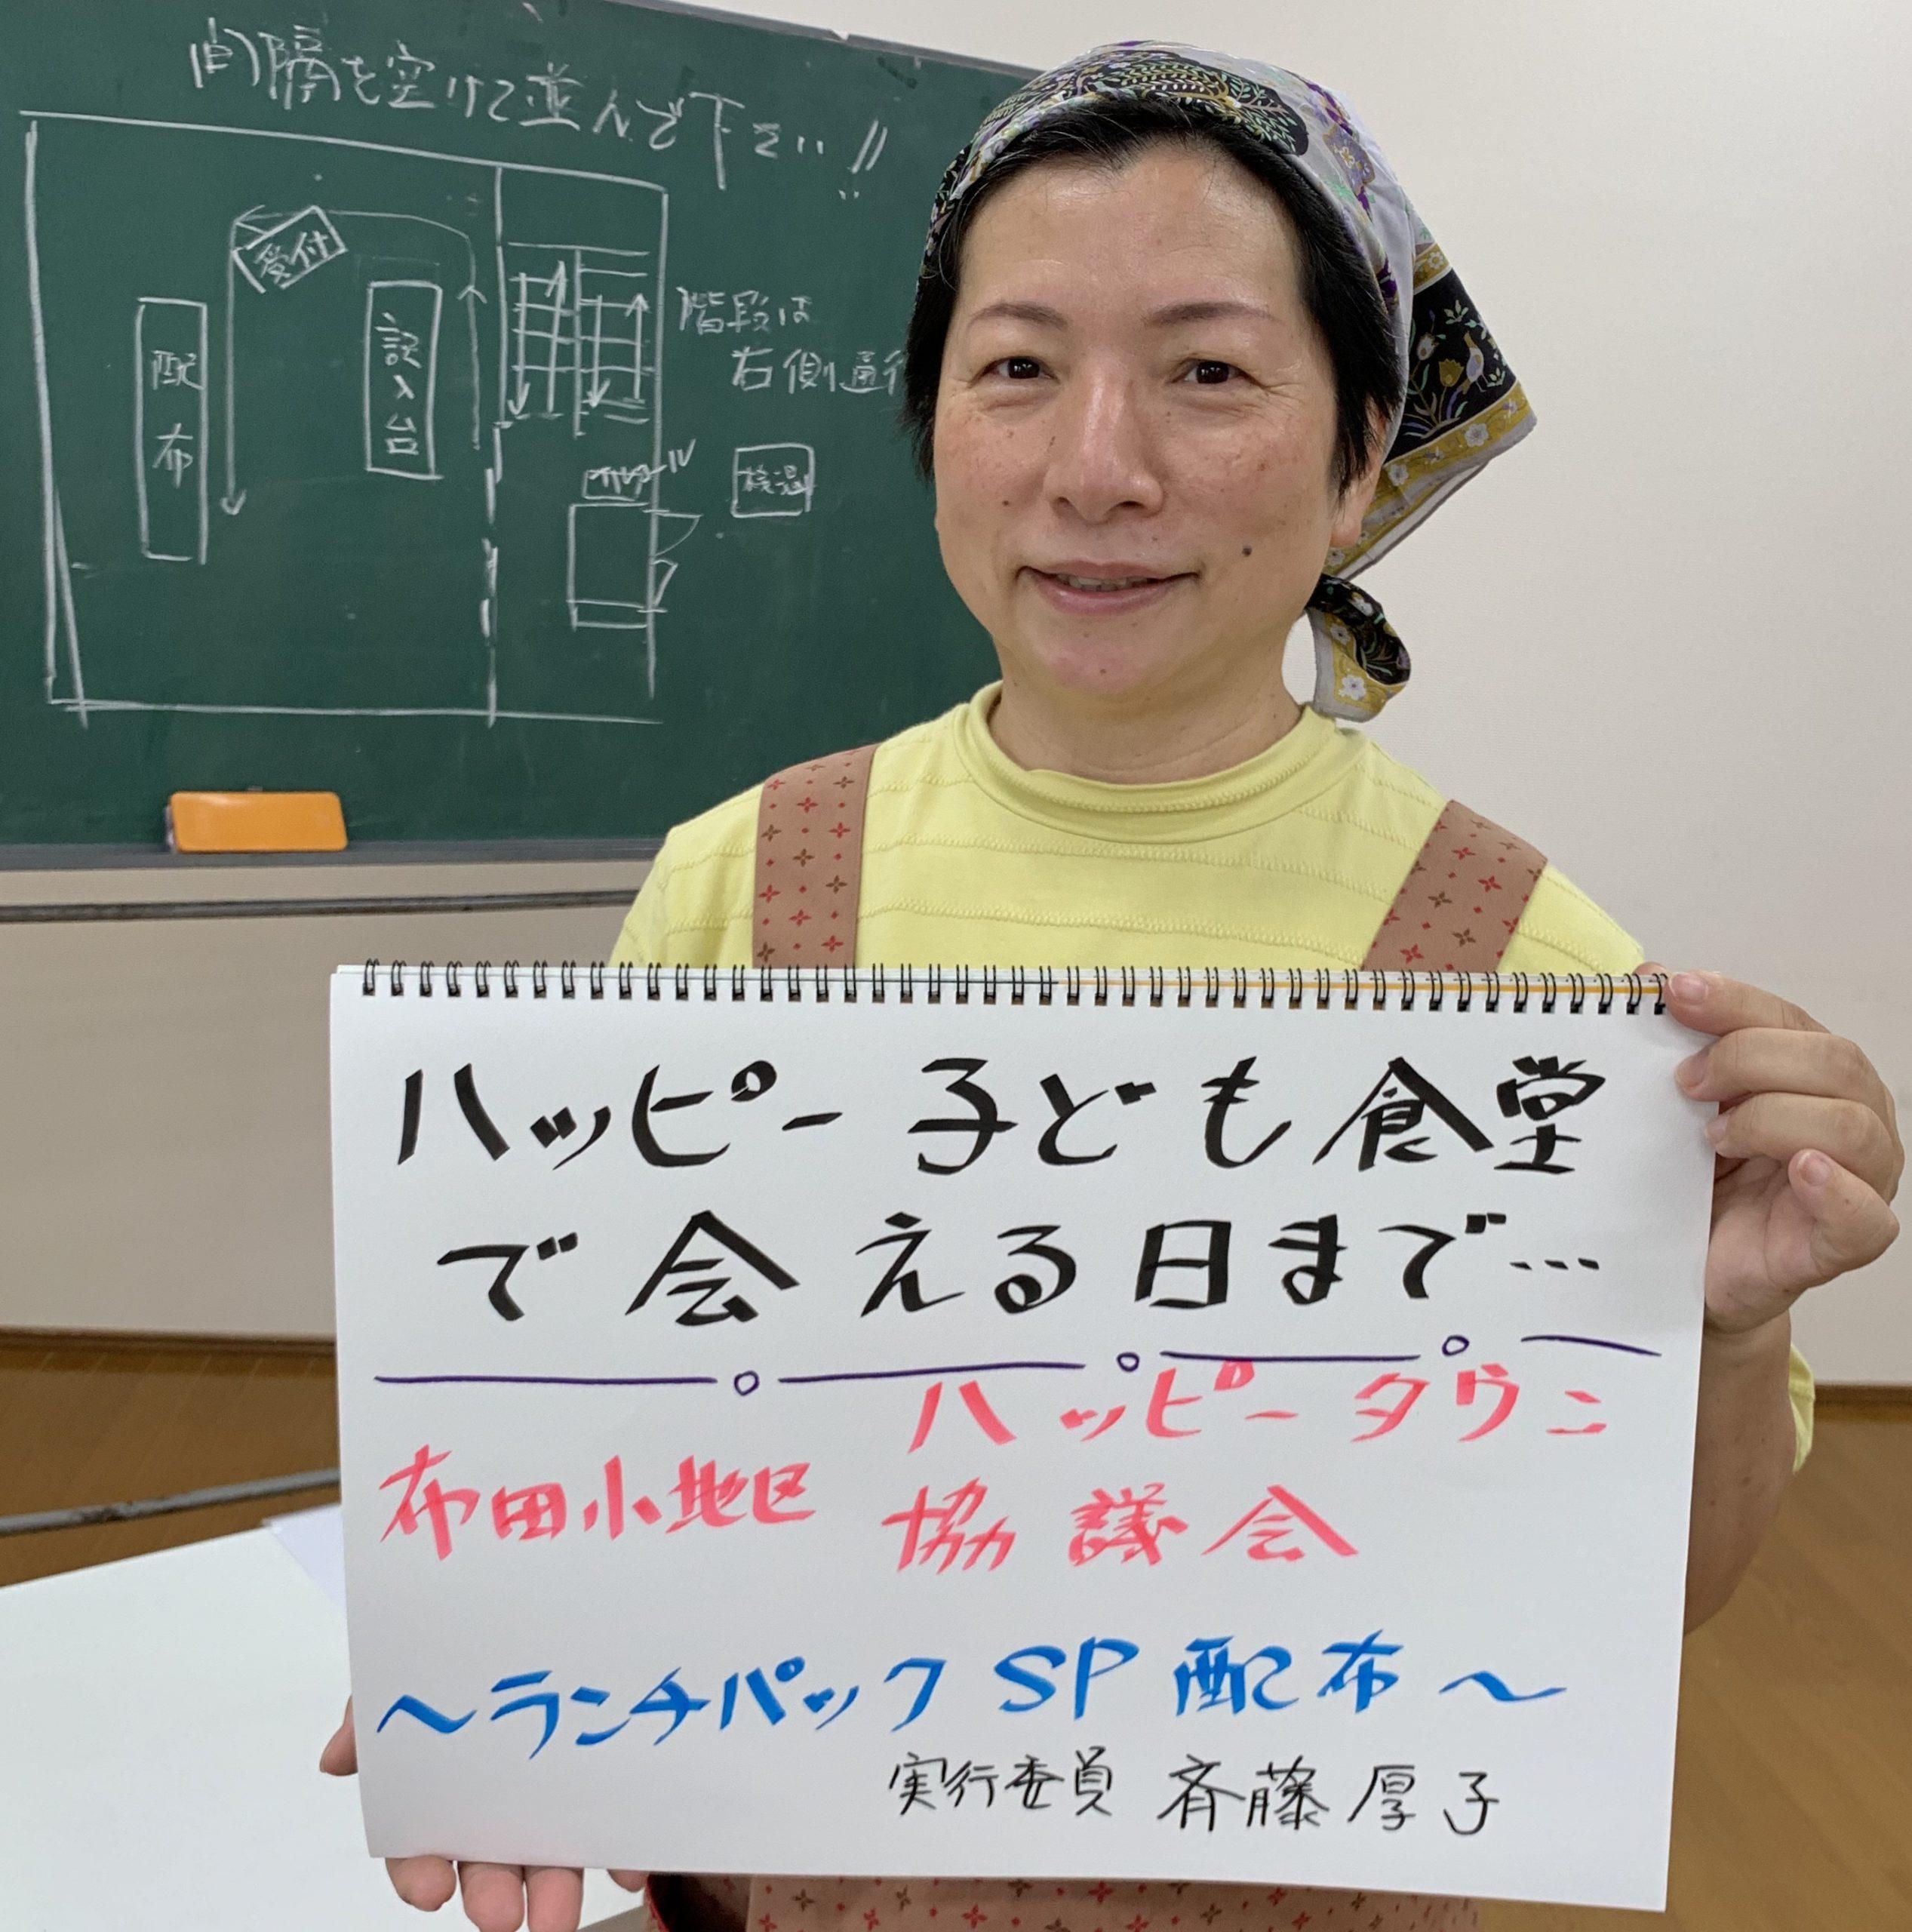 斉藤厚子さんです